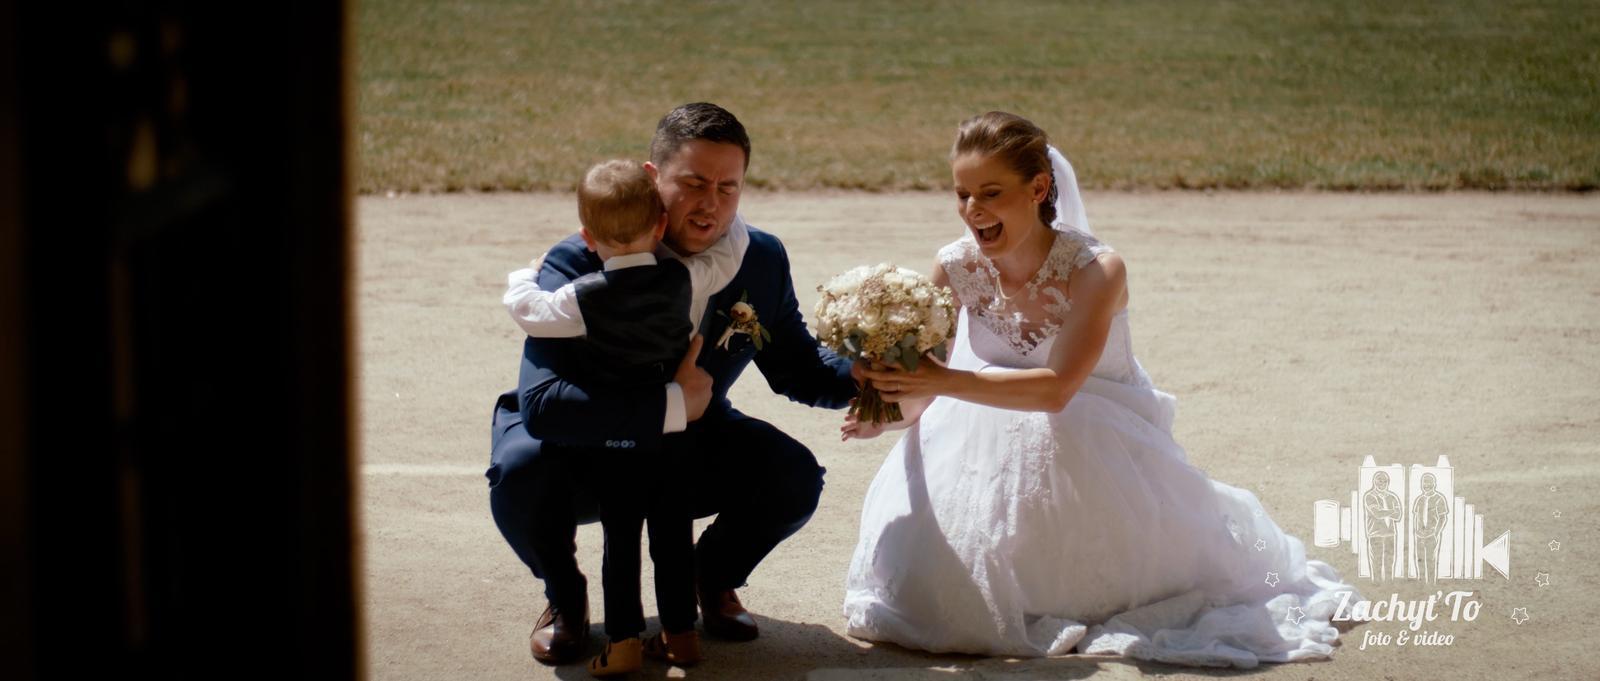 ZACHYŤTO - A kdo má přednost u vás? :) Zachytíme i malé okamžiky. Otcovská láska.